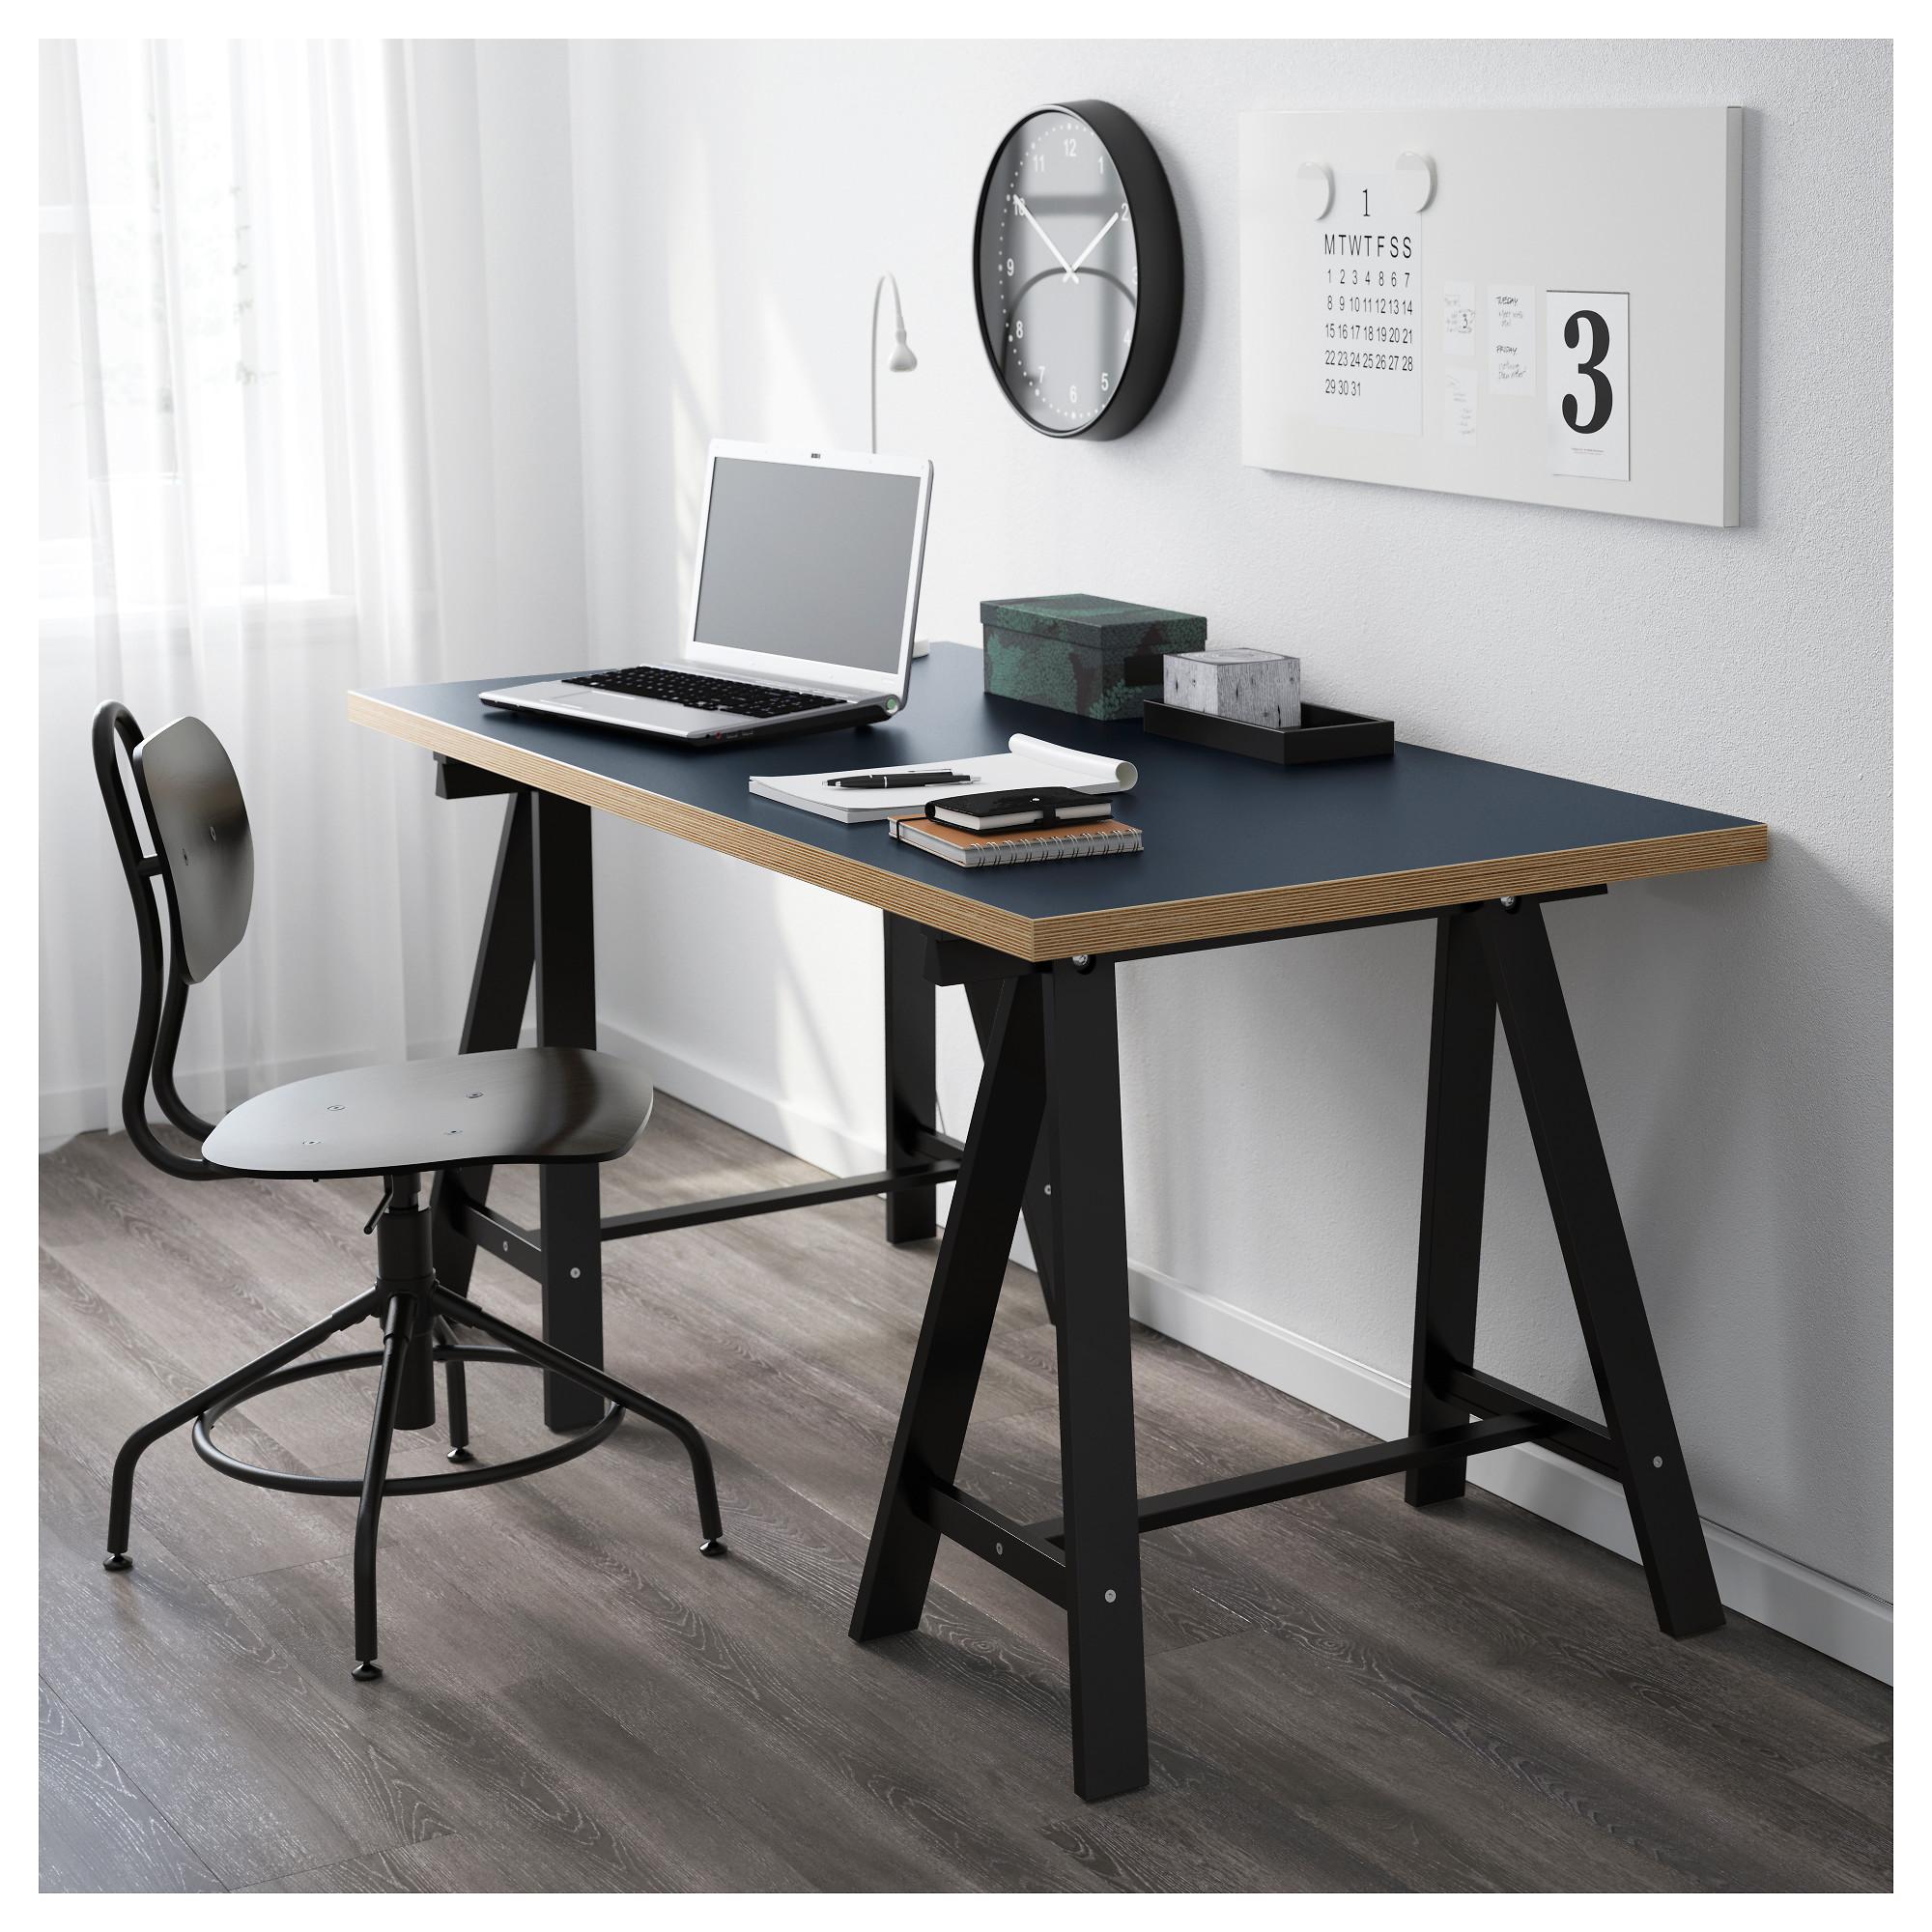 Купить СтоРЛИННМОН ОДВАЛЬД синий черный в IKEA Минск Цена